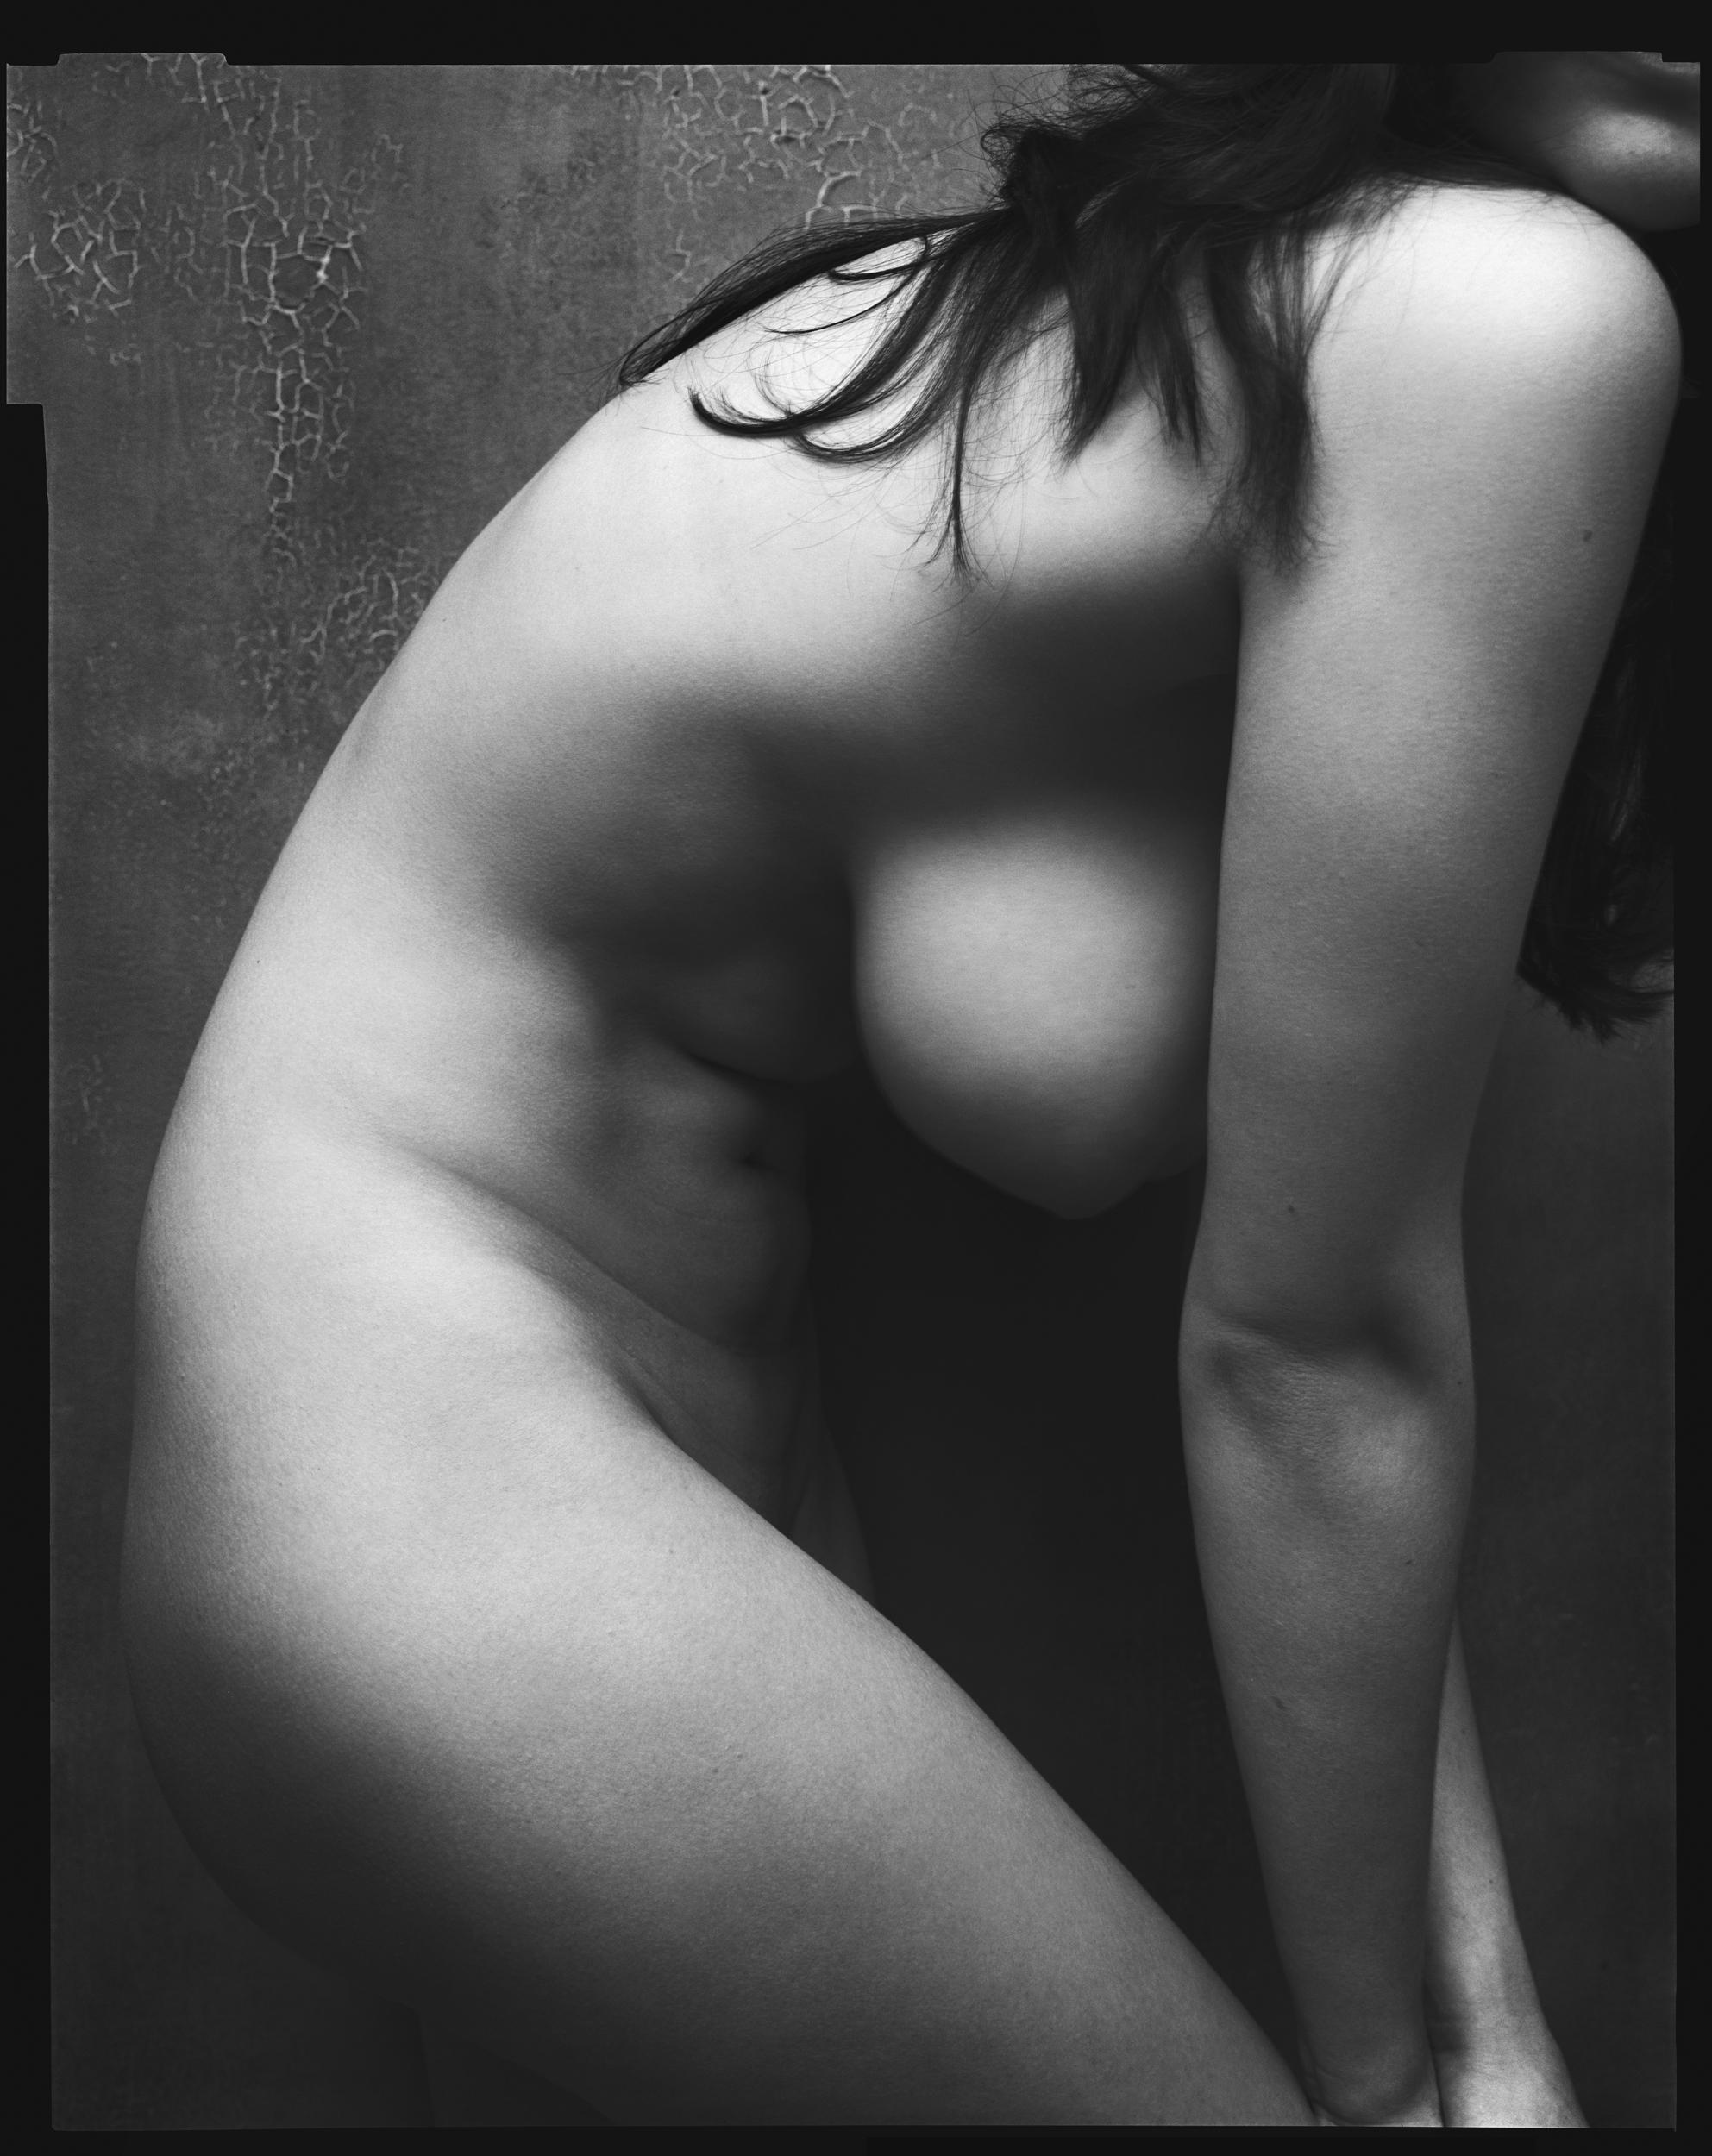 Nude (Myla), New York, NY, 2009